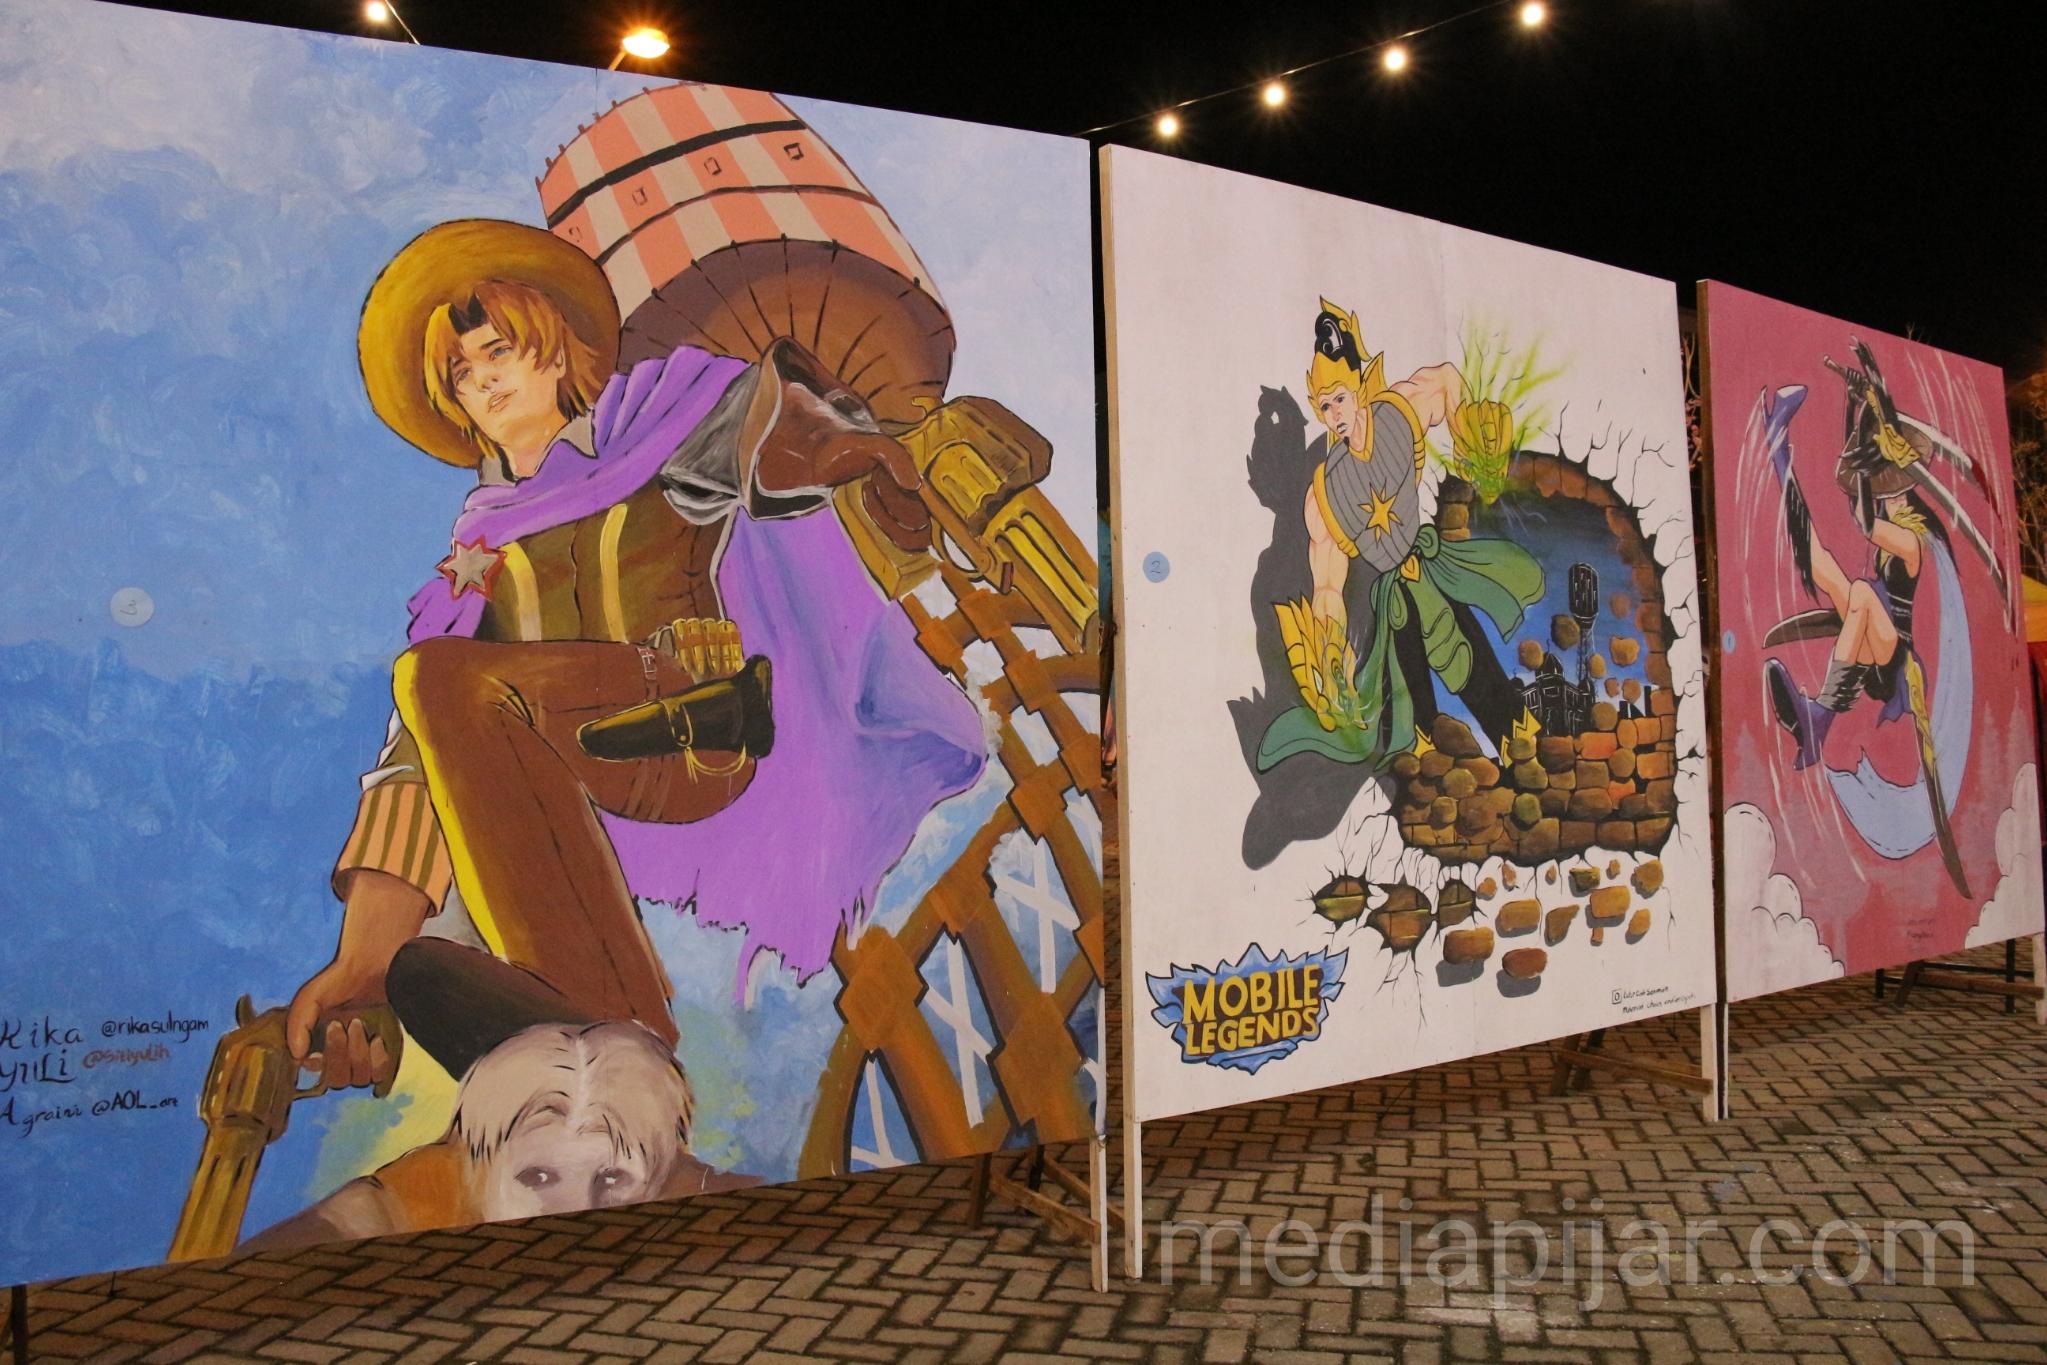 Hasil-hasil mural yang merupakan salah satu perlombaan di acara Medan Funtastic. (15/11)  (Fotografer: Ade Khairani)